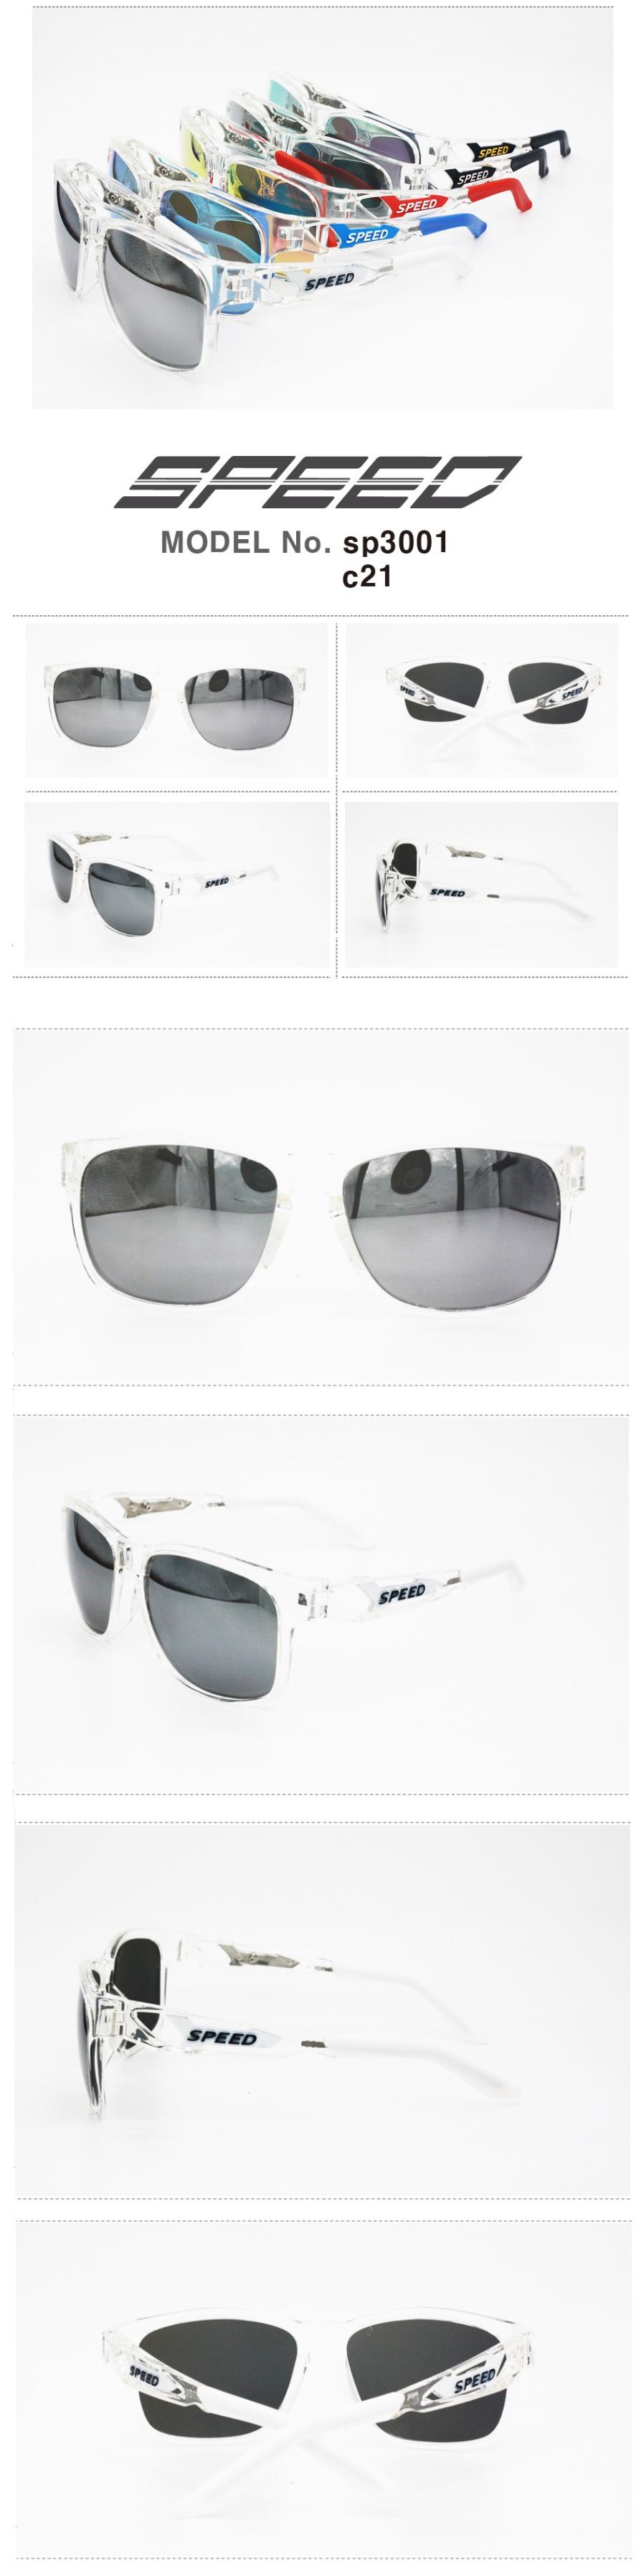 스피드 편광 미러선글라스 3001 C21 (MADE IN KOREA)  스피드썬글라스 SPEED 편광선글라스 미러선글라스